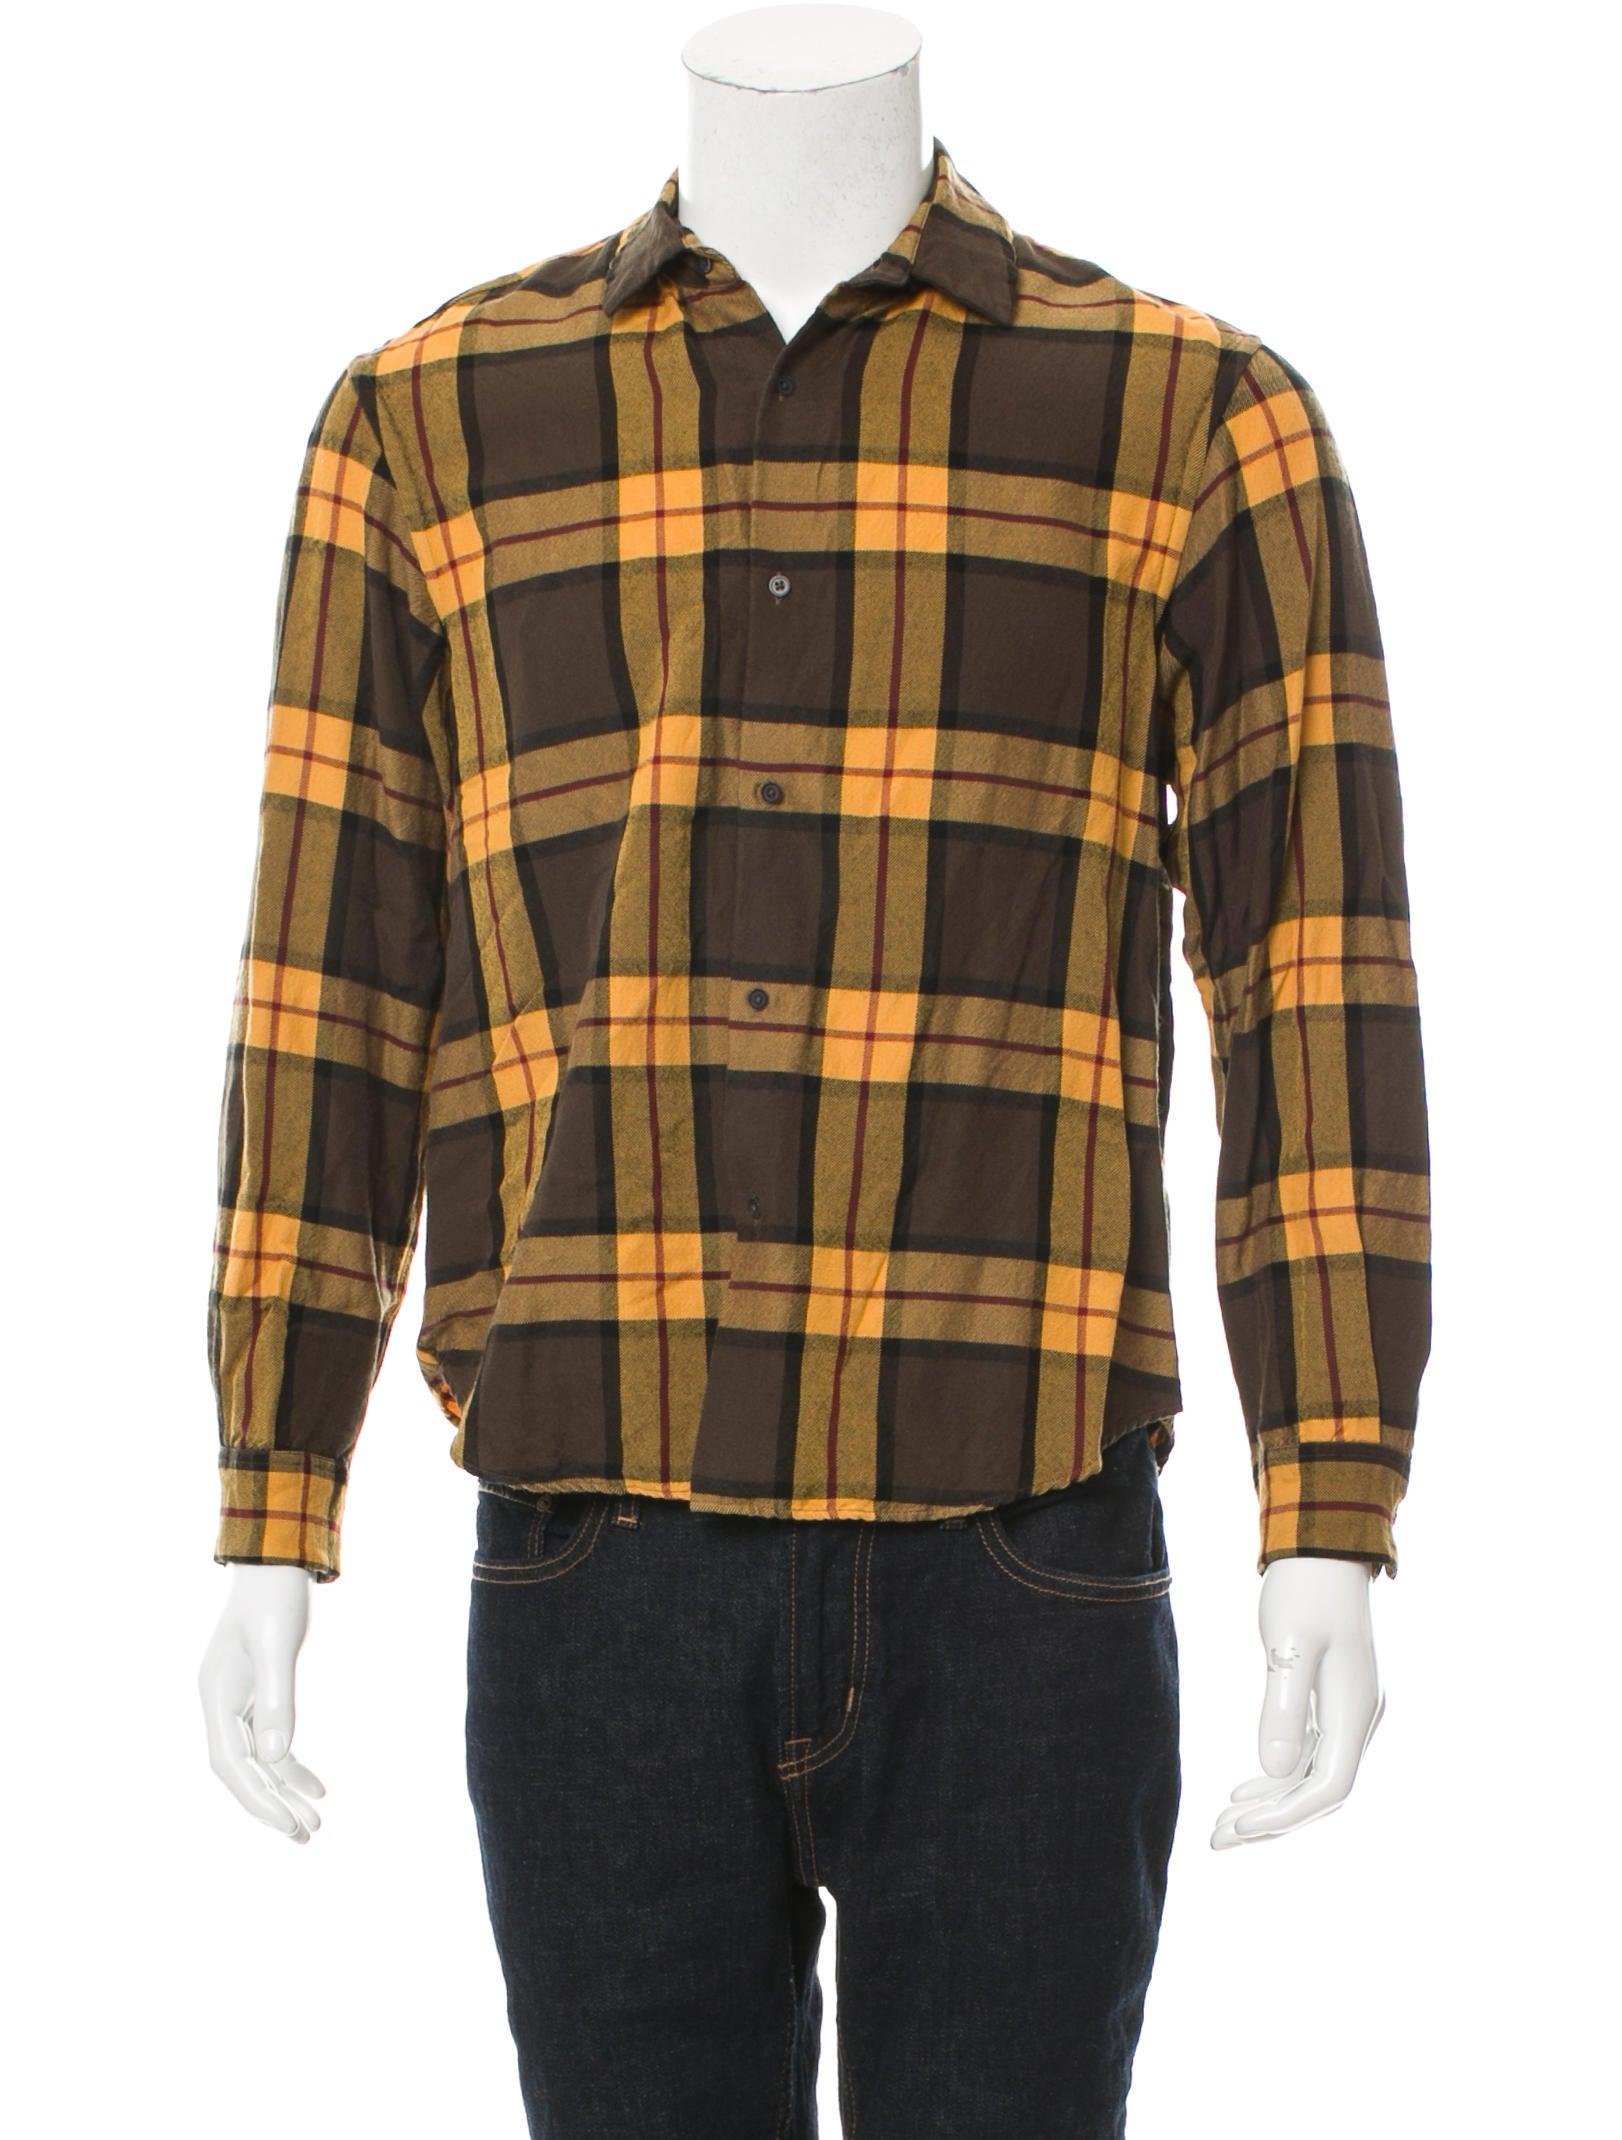 Tomorrowland plaid flannel shirt clothing wtmmw20134 for Mens yellow plaid flannel shirt